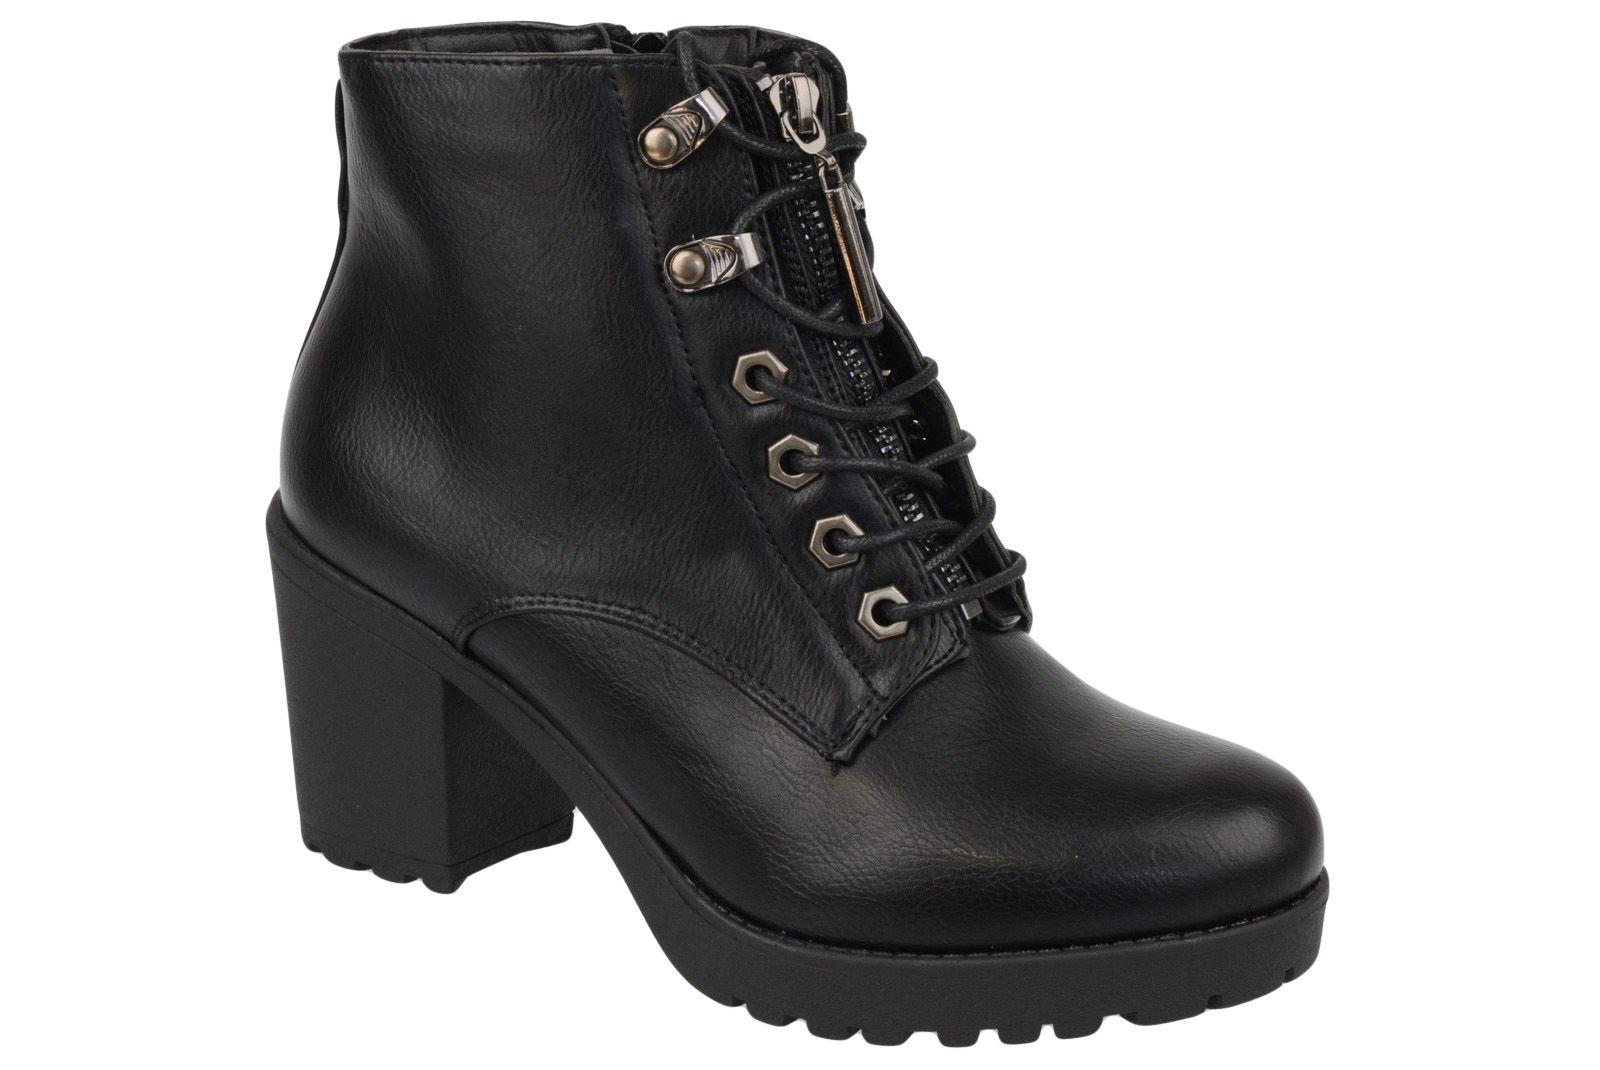 M Daszynski Botki Trzewiki Czarne 1596 27 38 7617220903 Oficjalne Archiwum Allegro Combat Boots Boots Wedge Boot